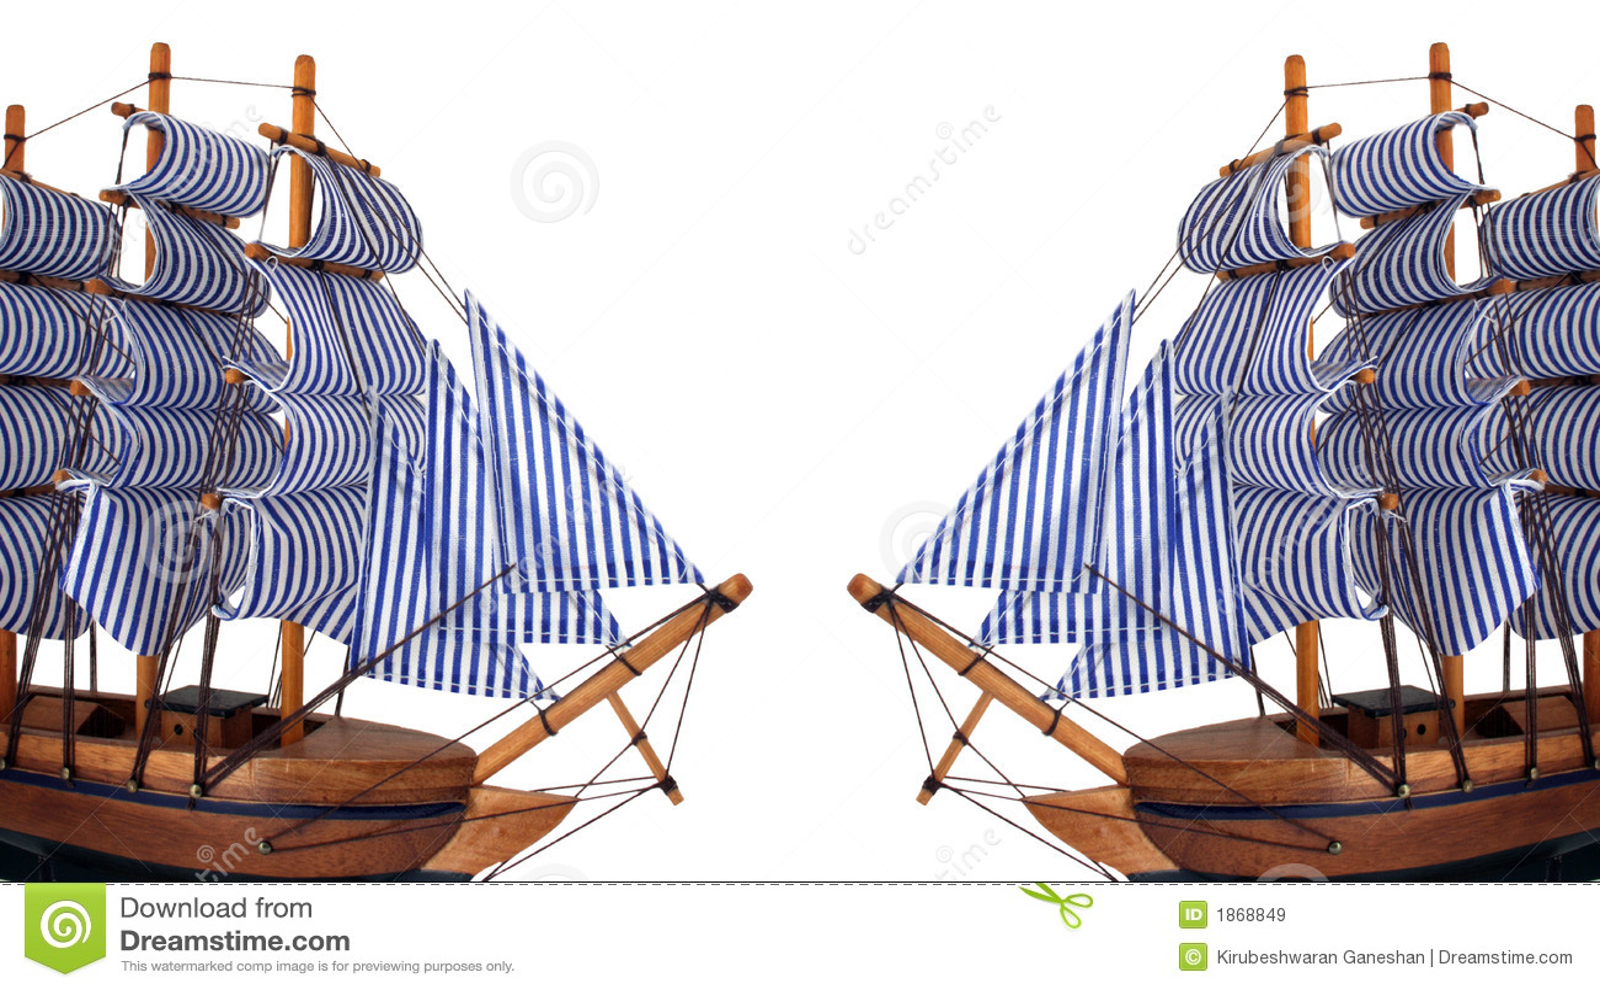 Toy Sailing Boat On White Background Stock Image - Image of